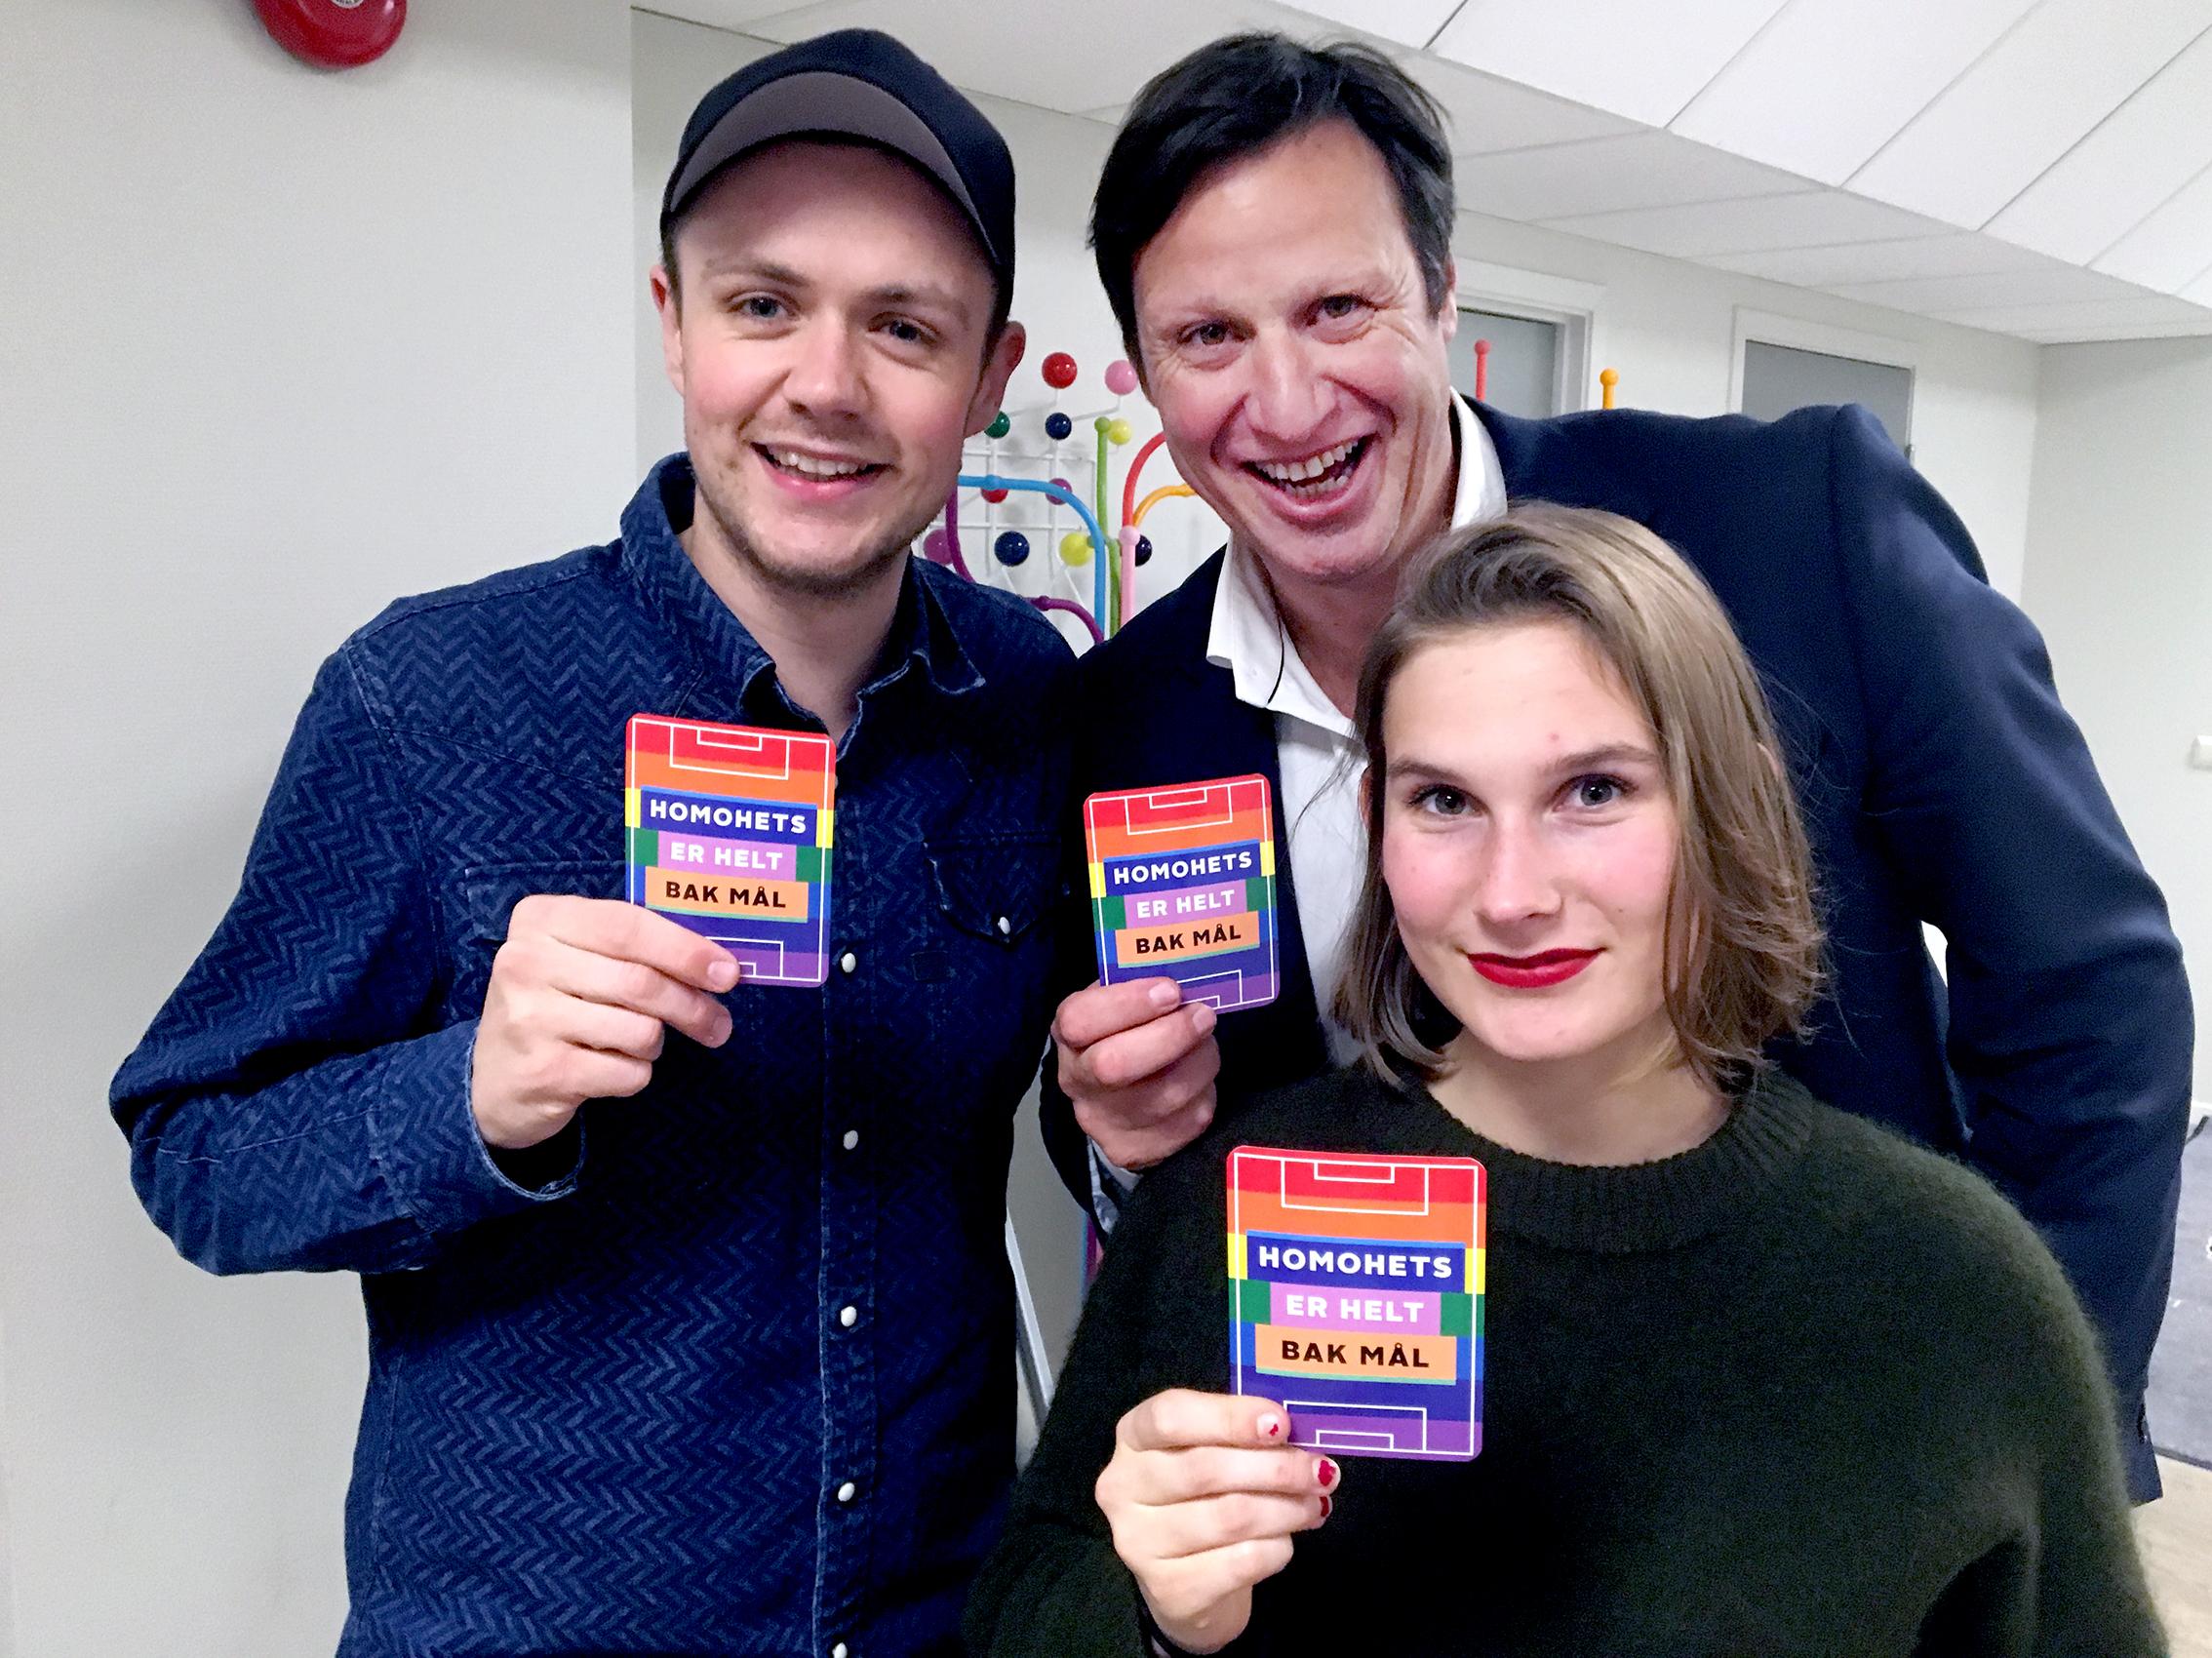 Fra venstre: Skuespiller Andreas Koschinski Kvisgaard, idrettspresident Tom Tvedt og produsent Maud M Jonassen.